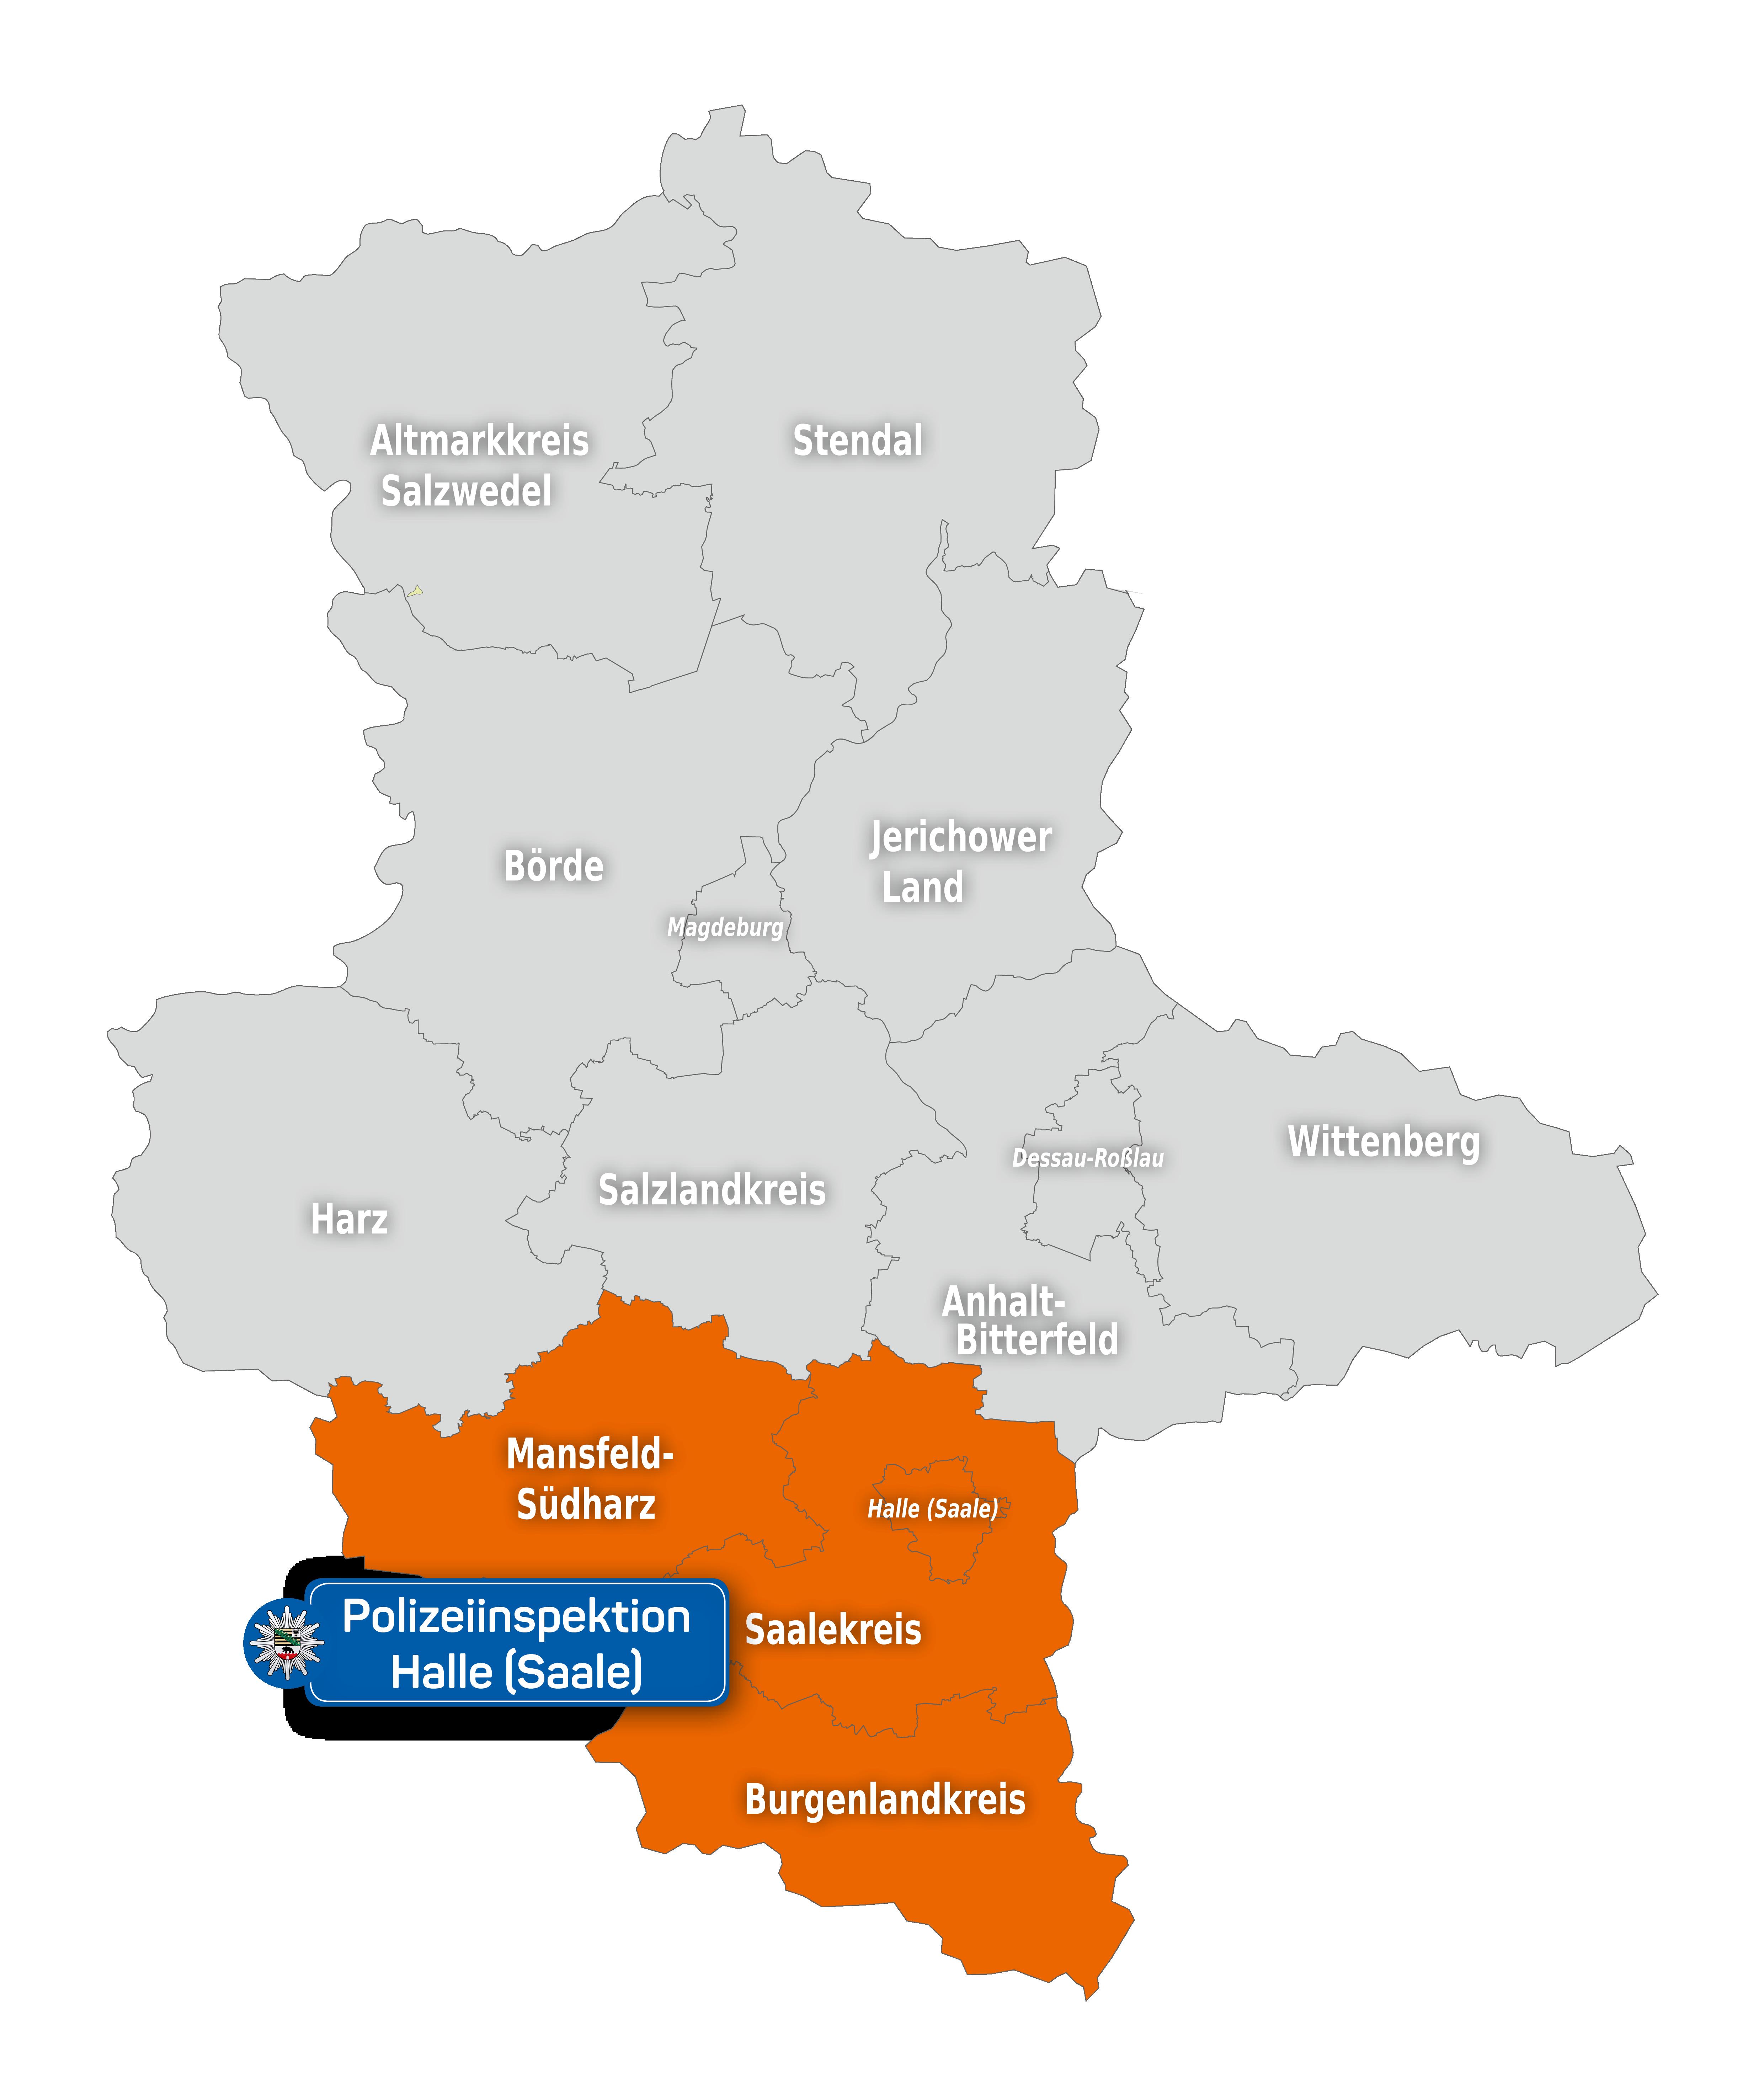 Zuständig für die Stadt Halle (Saale) sowie den Saalekreis, Burgenlandkreis und den Landkreis Mansfeld-Südharz